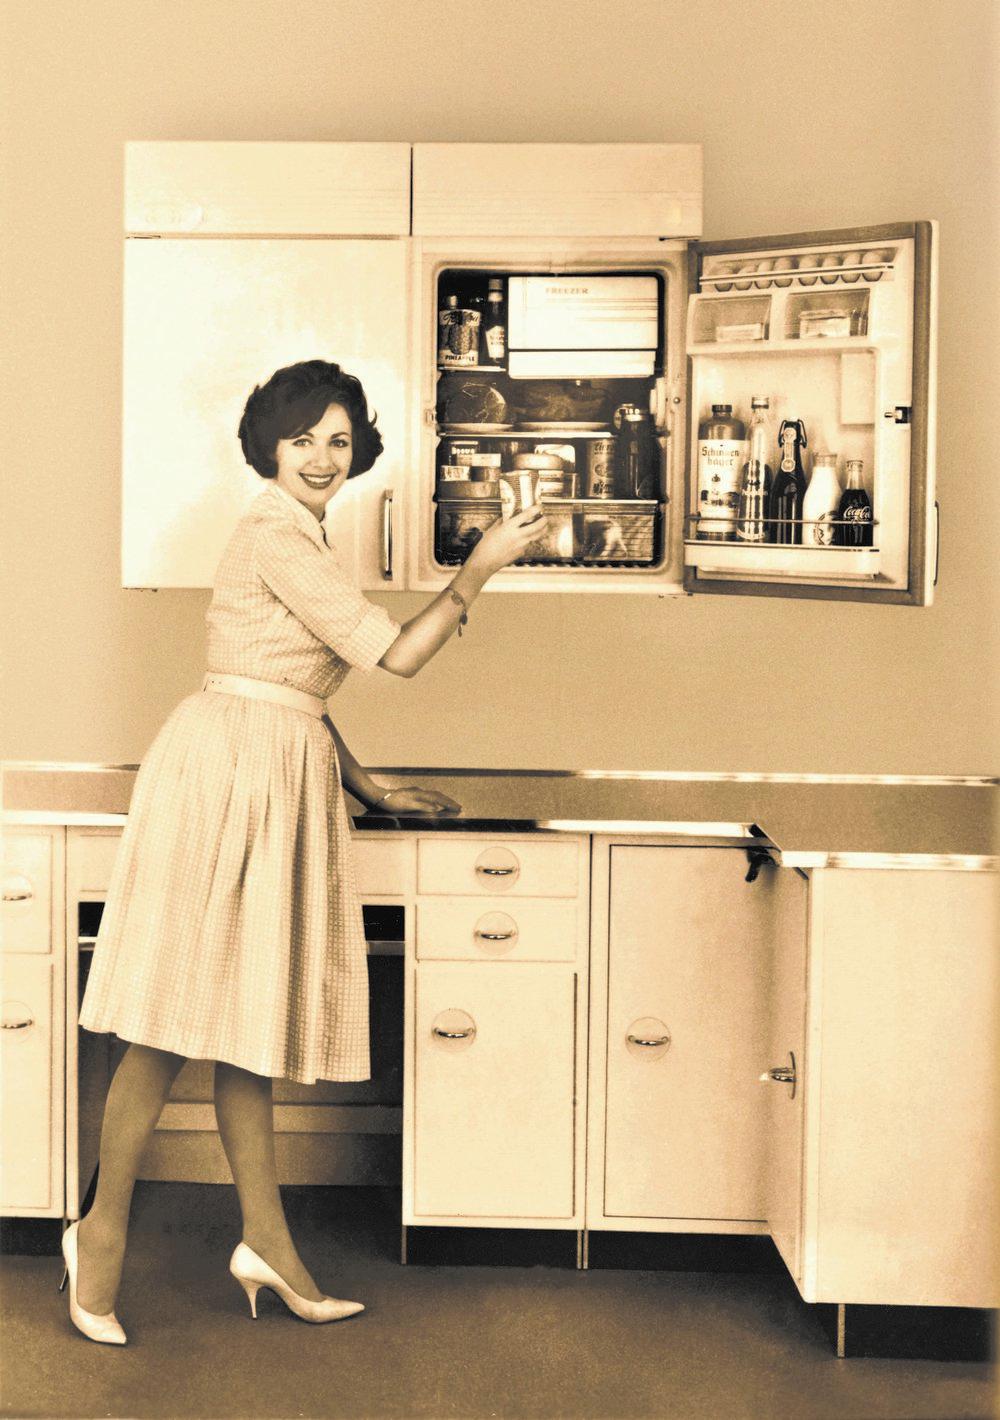 Mitte der 1950er Jahre gab es die ersten hocheingebauten Kühlgeräte. (Foto: AMK)